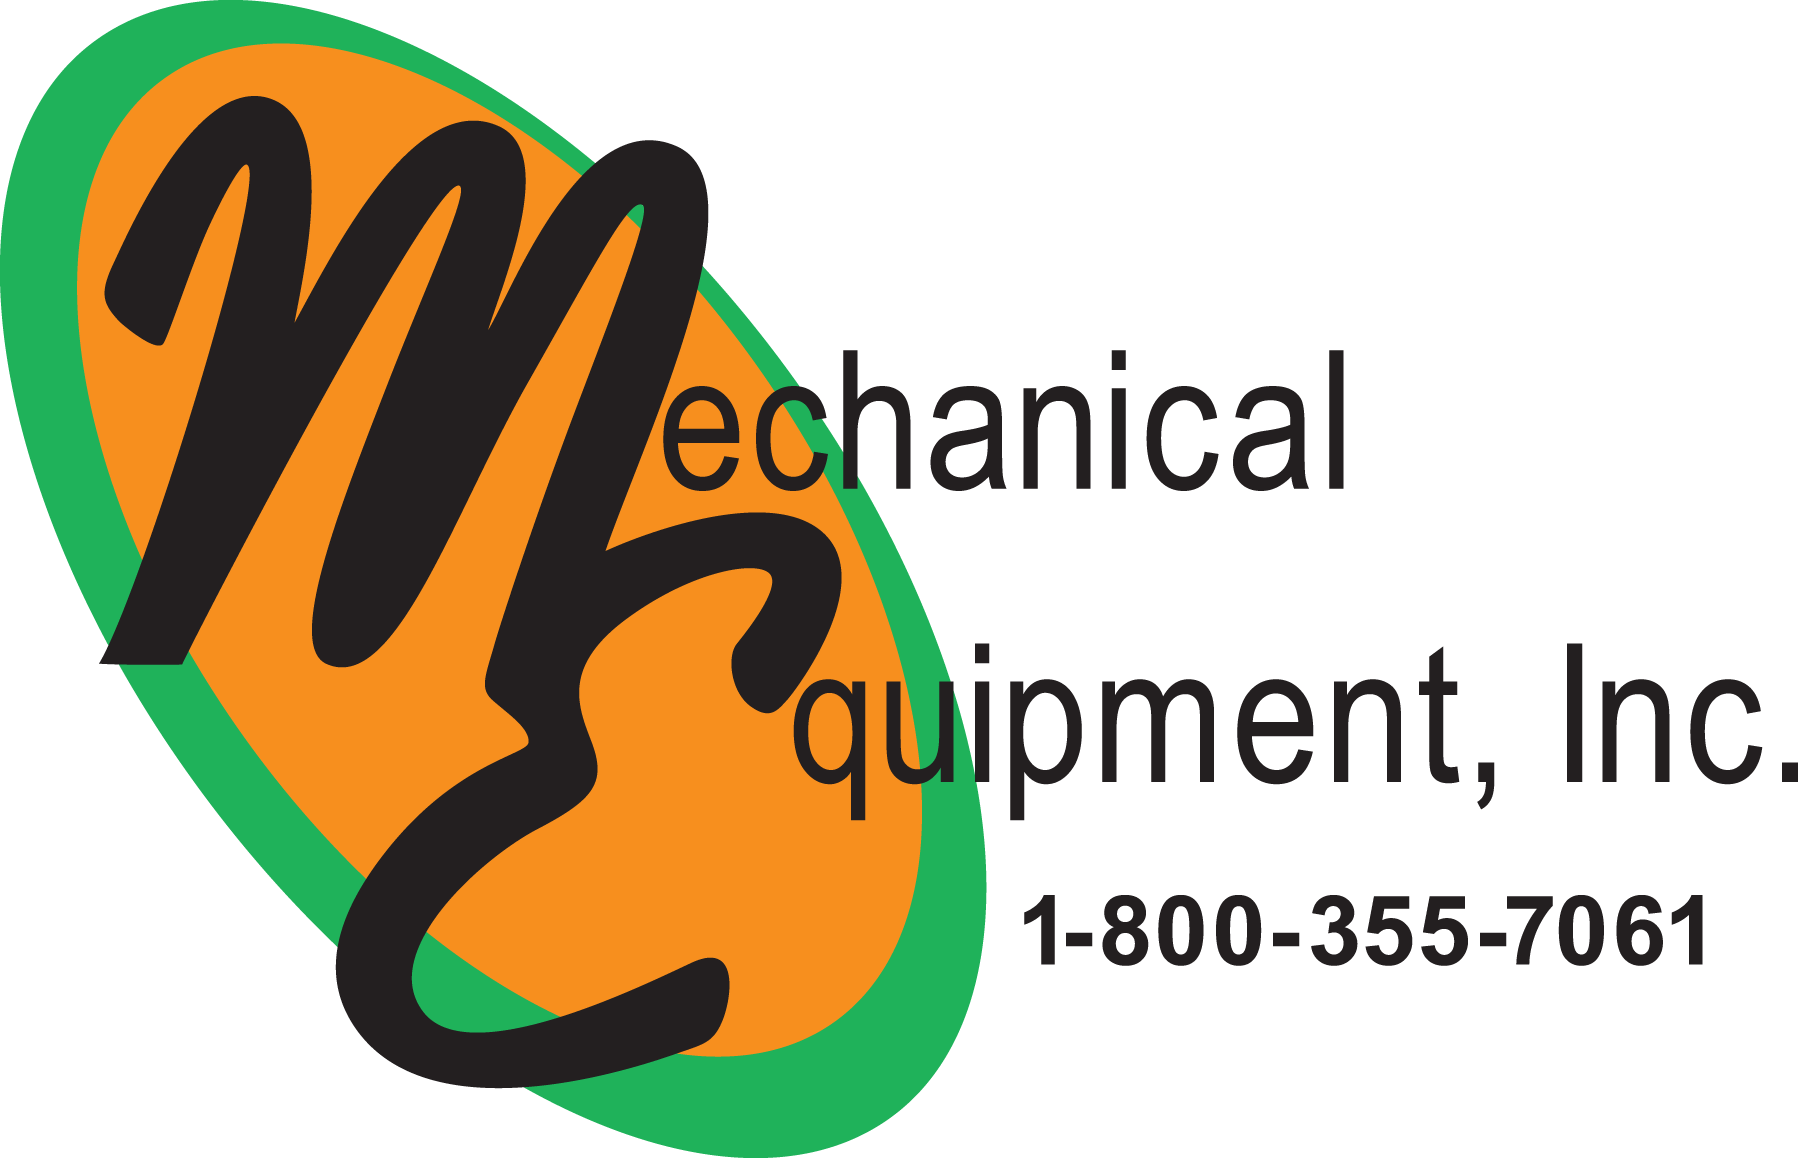 Mechanical Equipment, Inc.